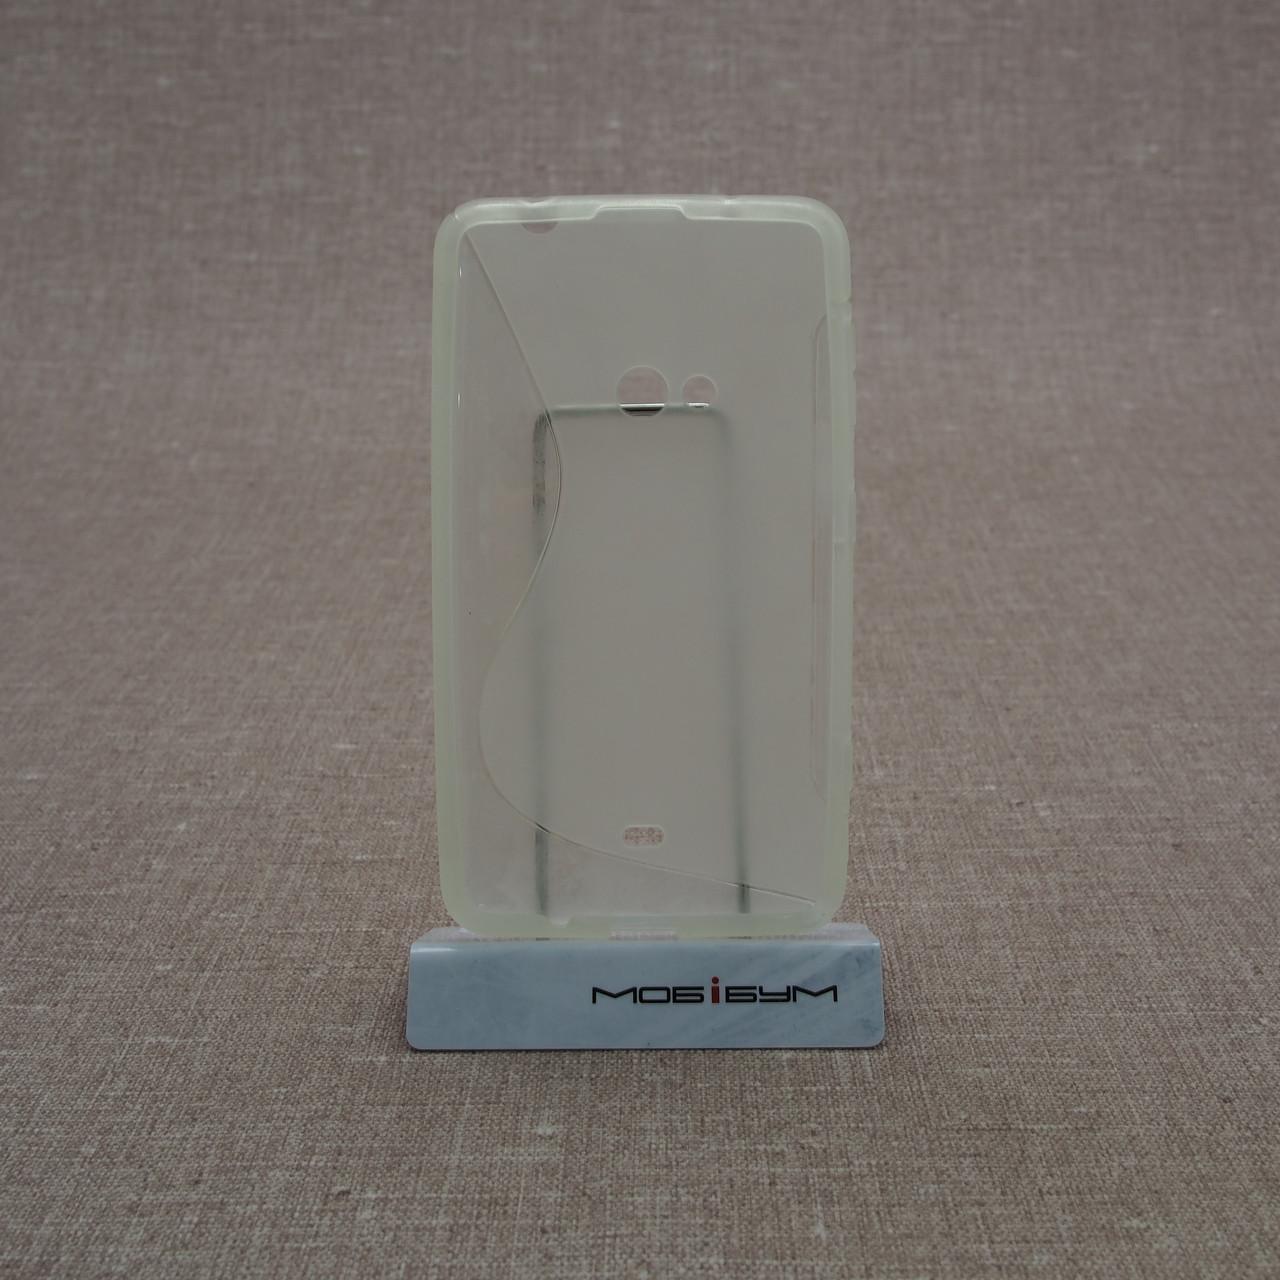 TPU Duotone Nokia 625 soft-clear Для телефона